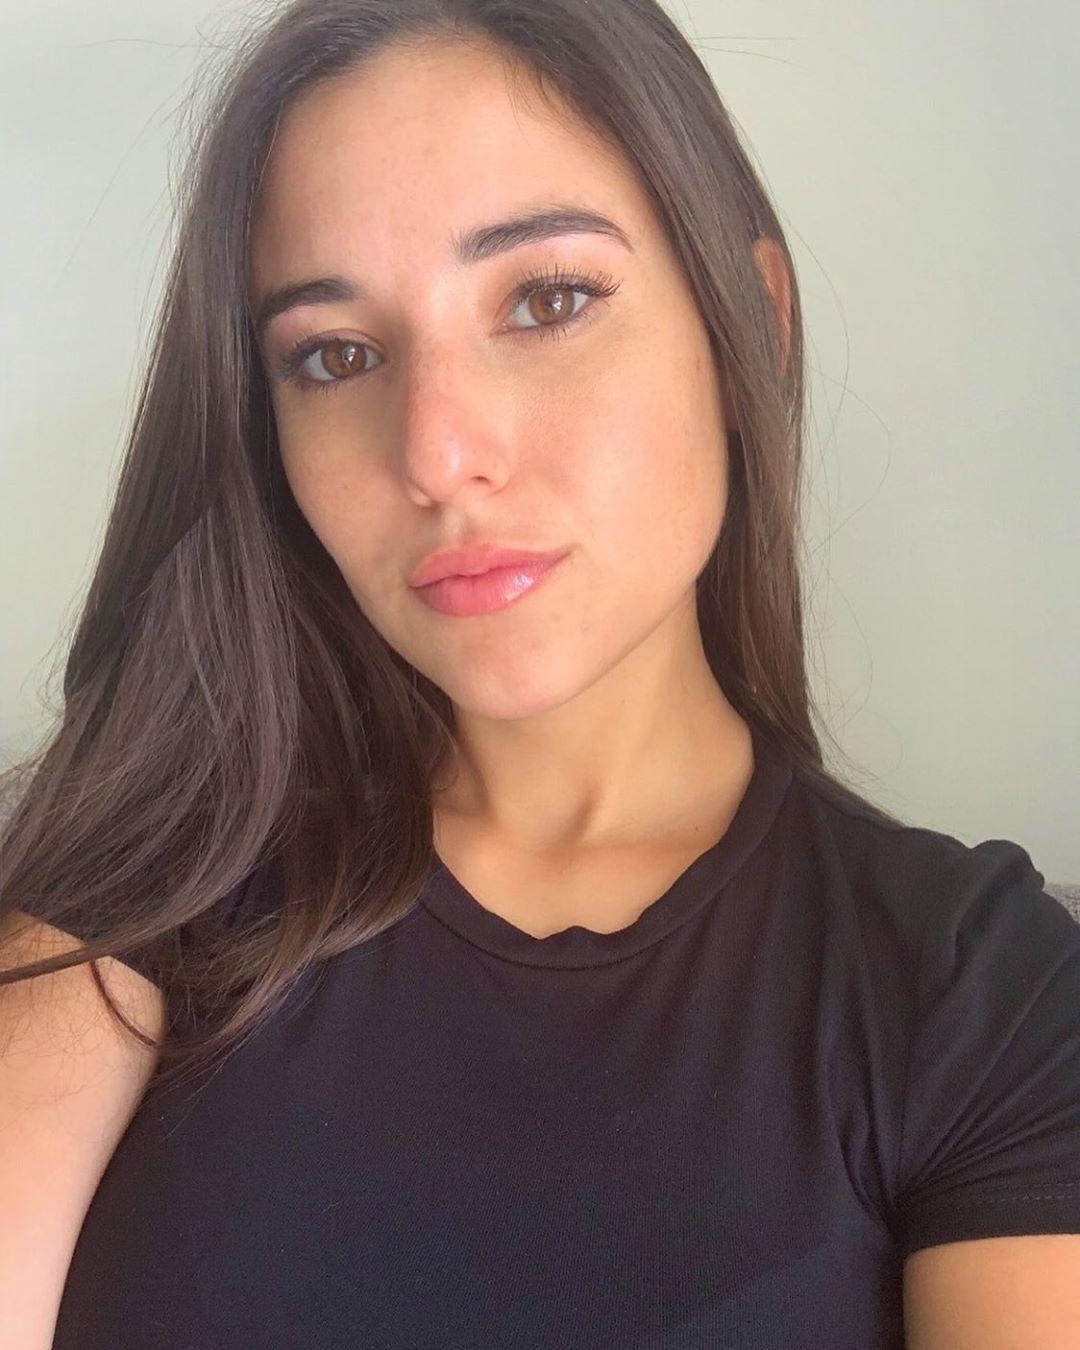 Angeline-Varona-Wallpapers-Insta-Fit-Bio-1